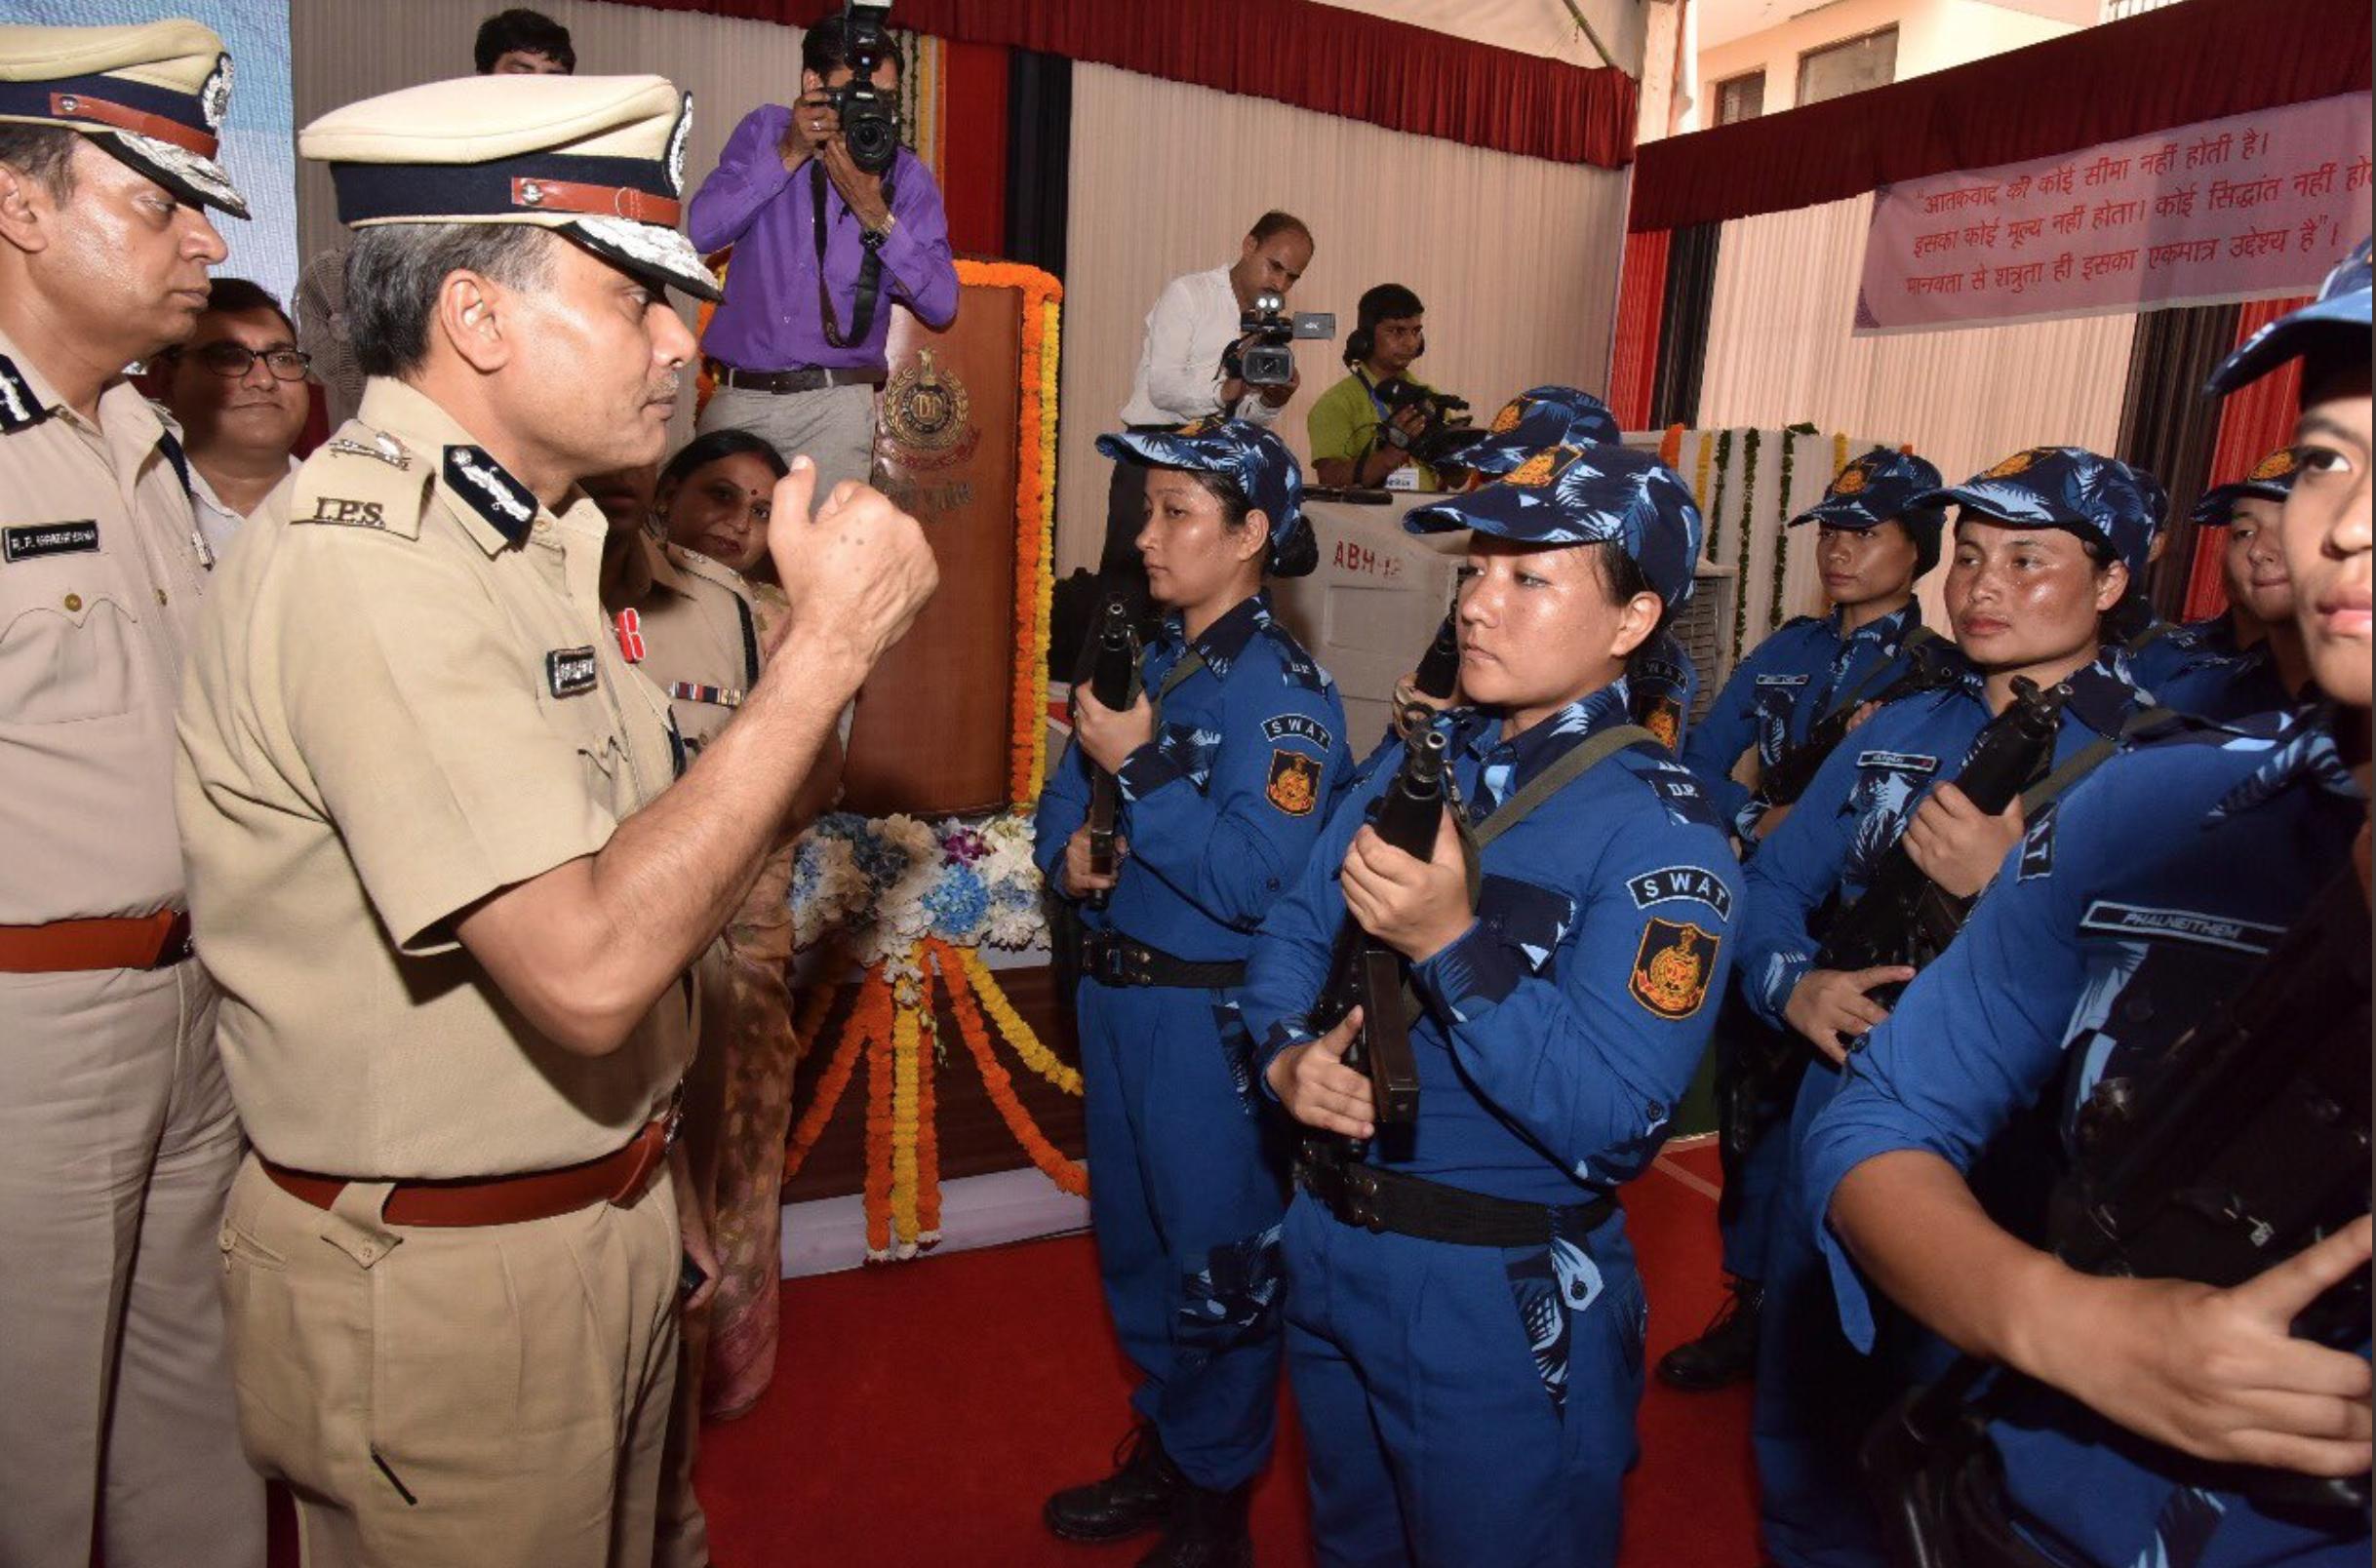 První ženské SWAT komando vyrazilo do ulic Indie se samopaly